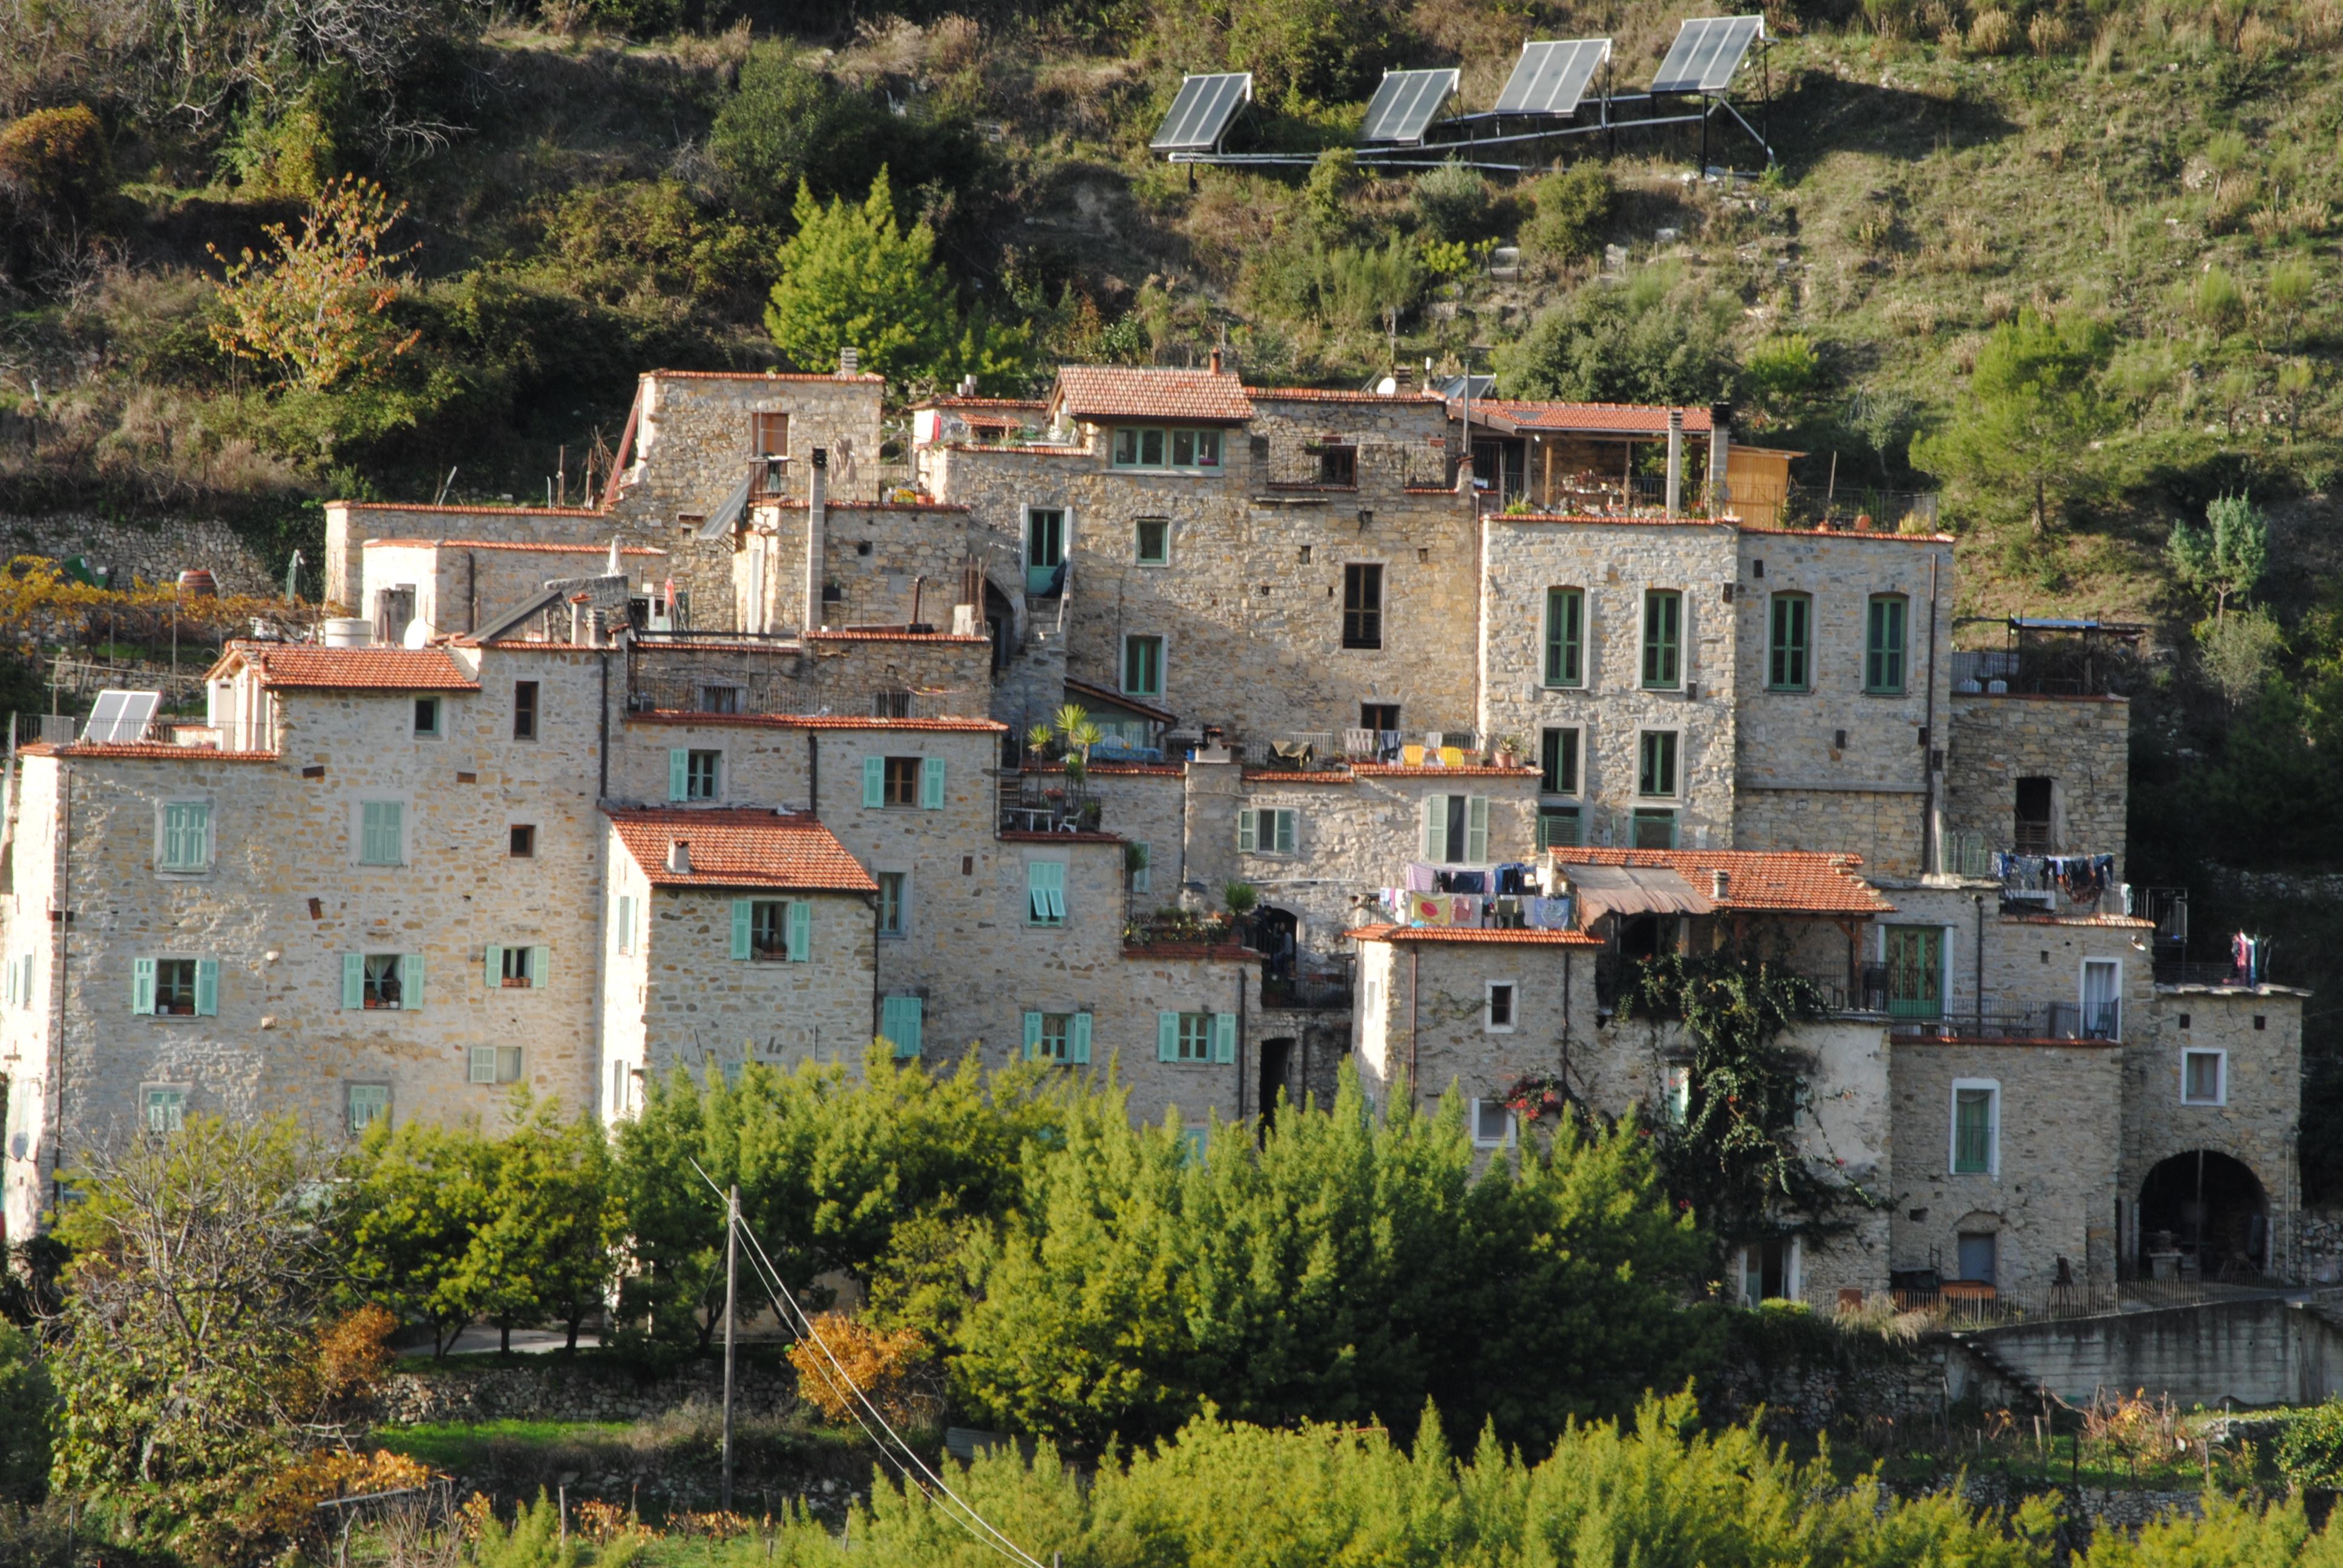 Torri Superiore, Ecovillaggio in Liguria